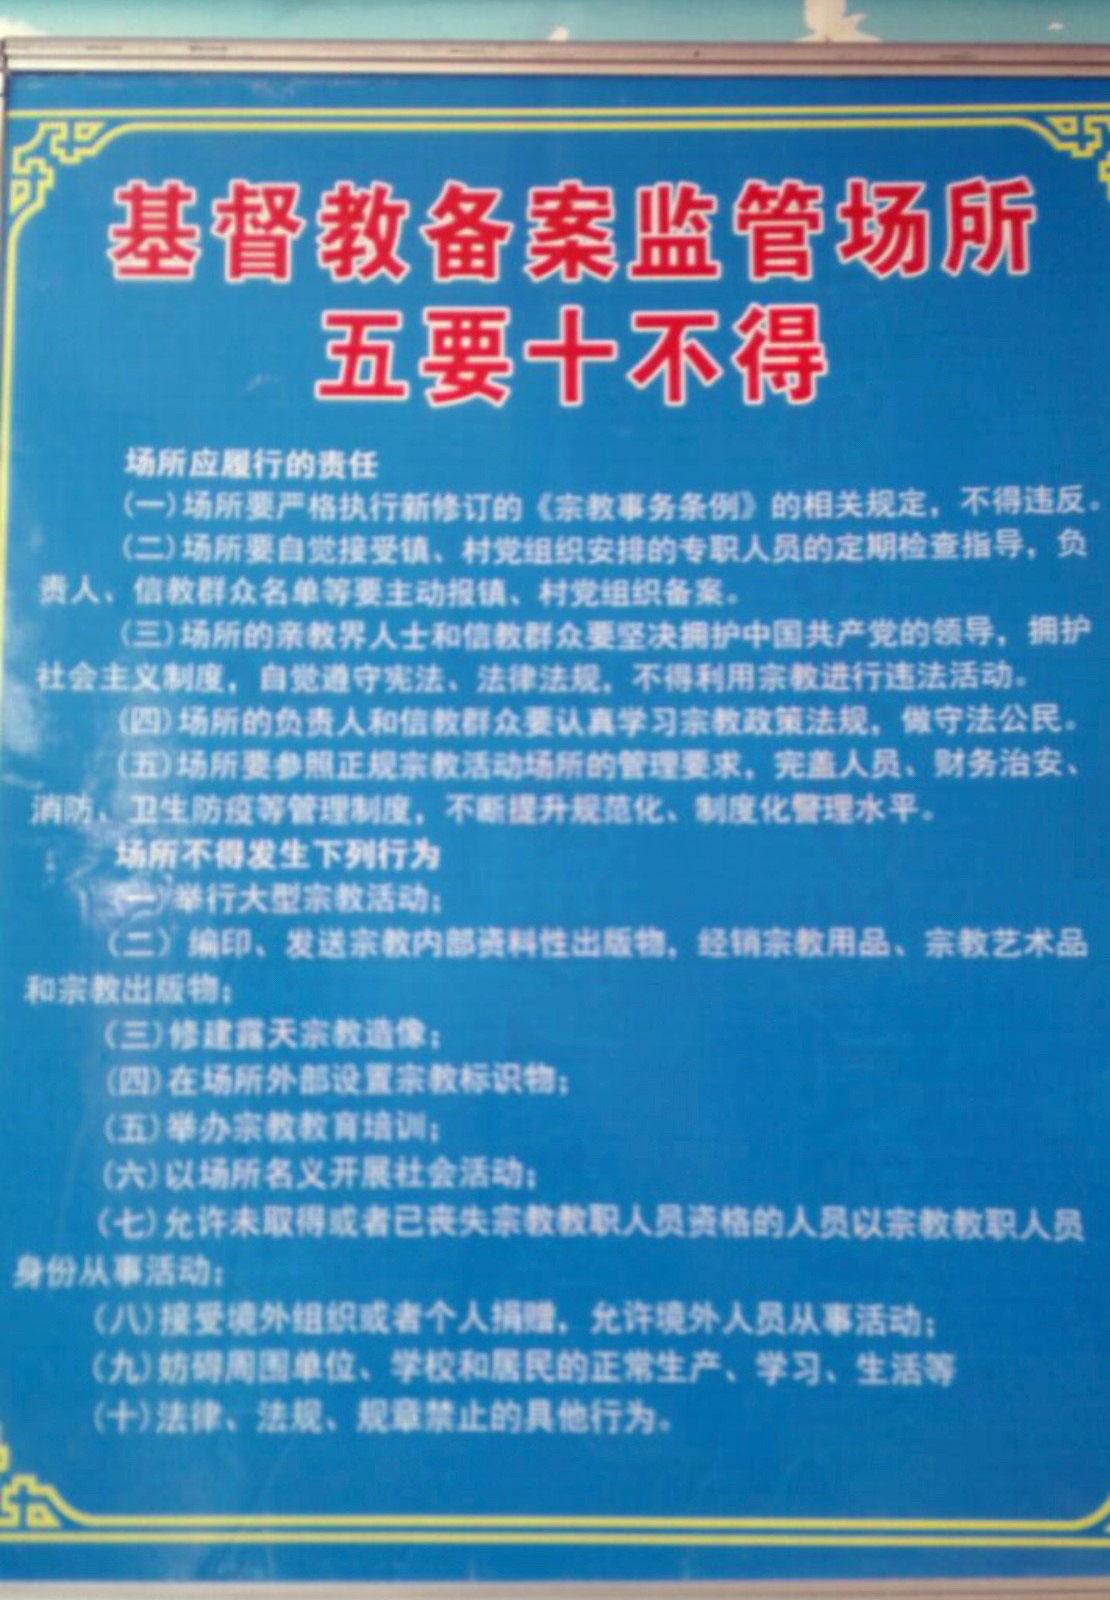 北京一处教会外贴出基督教备案场所规定。(志愿者提供/记者乔龙)